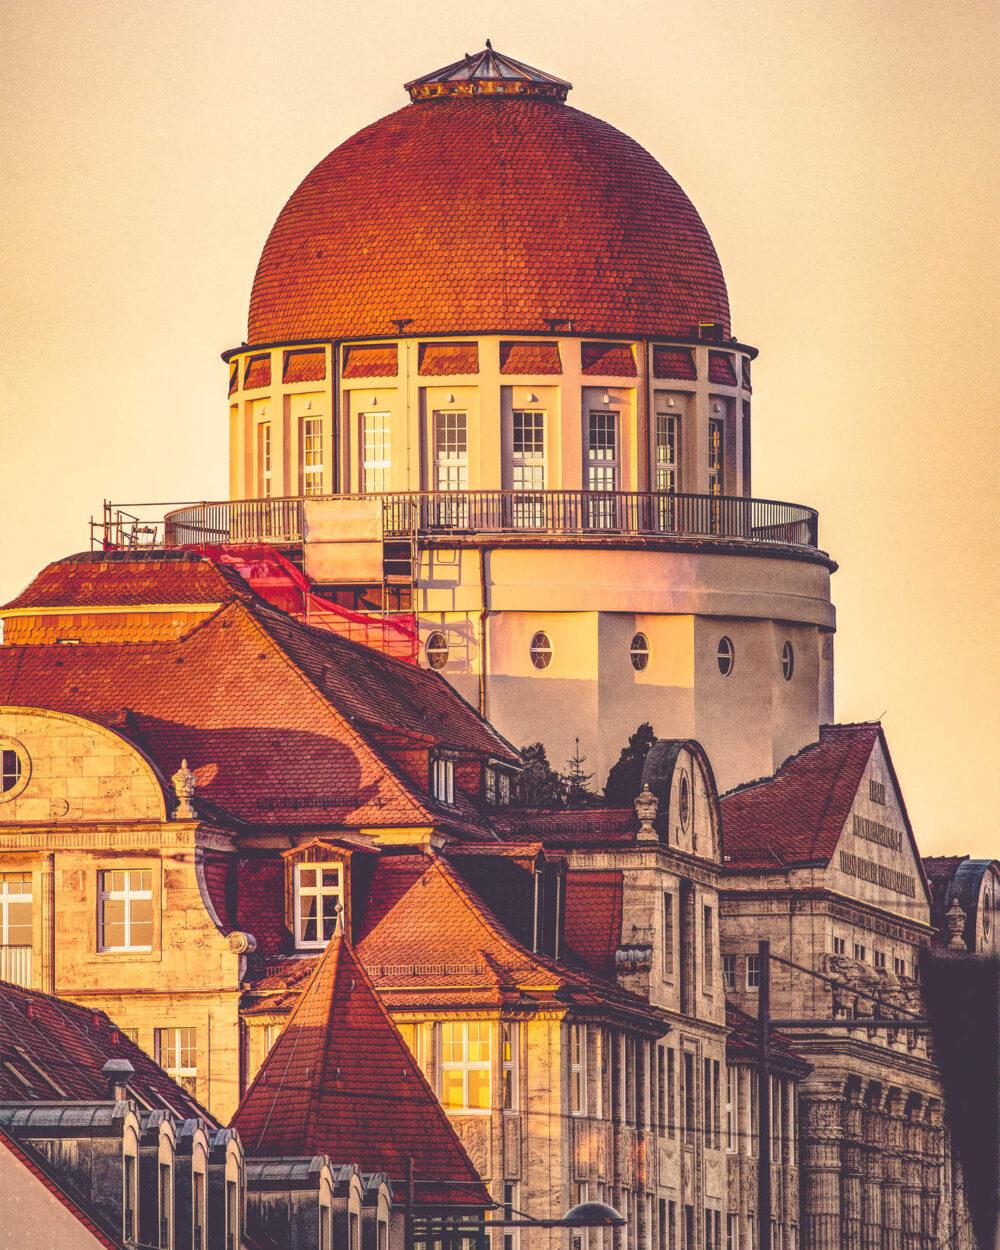 Das alte Gebäude der Leipziger Verkehrsbetriebe mit von der Sonne golden erleuchteter Kuppel